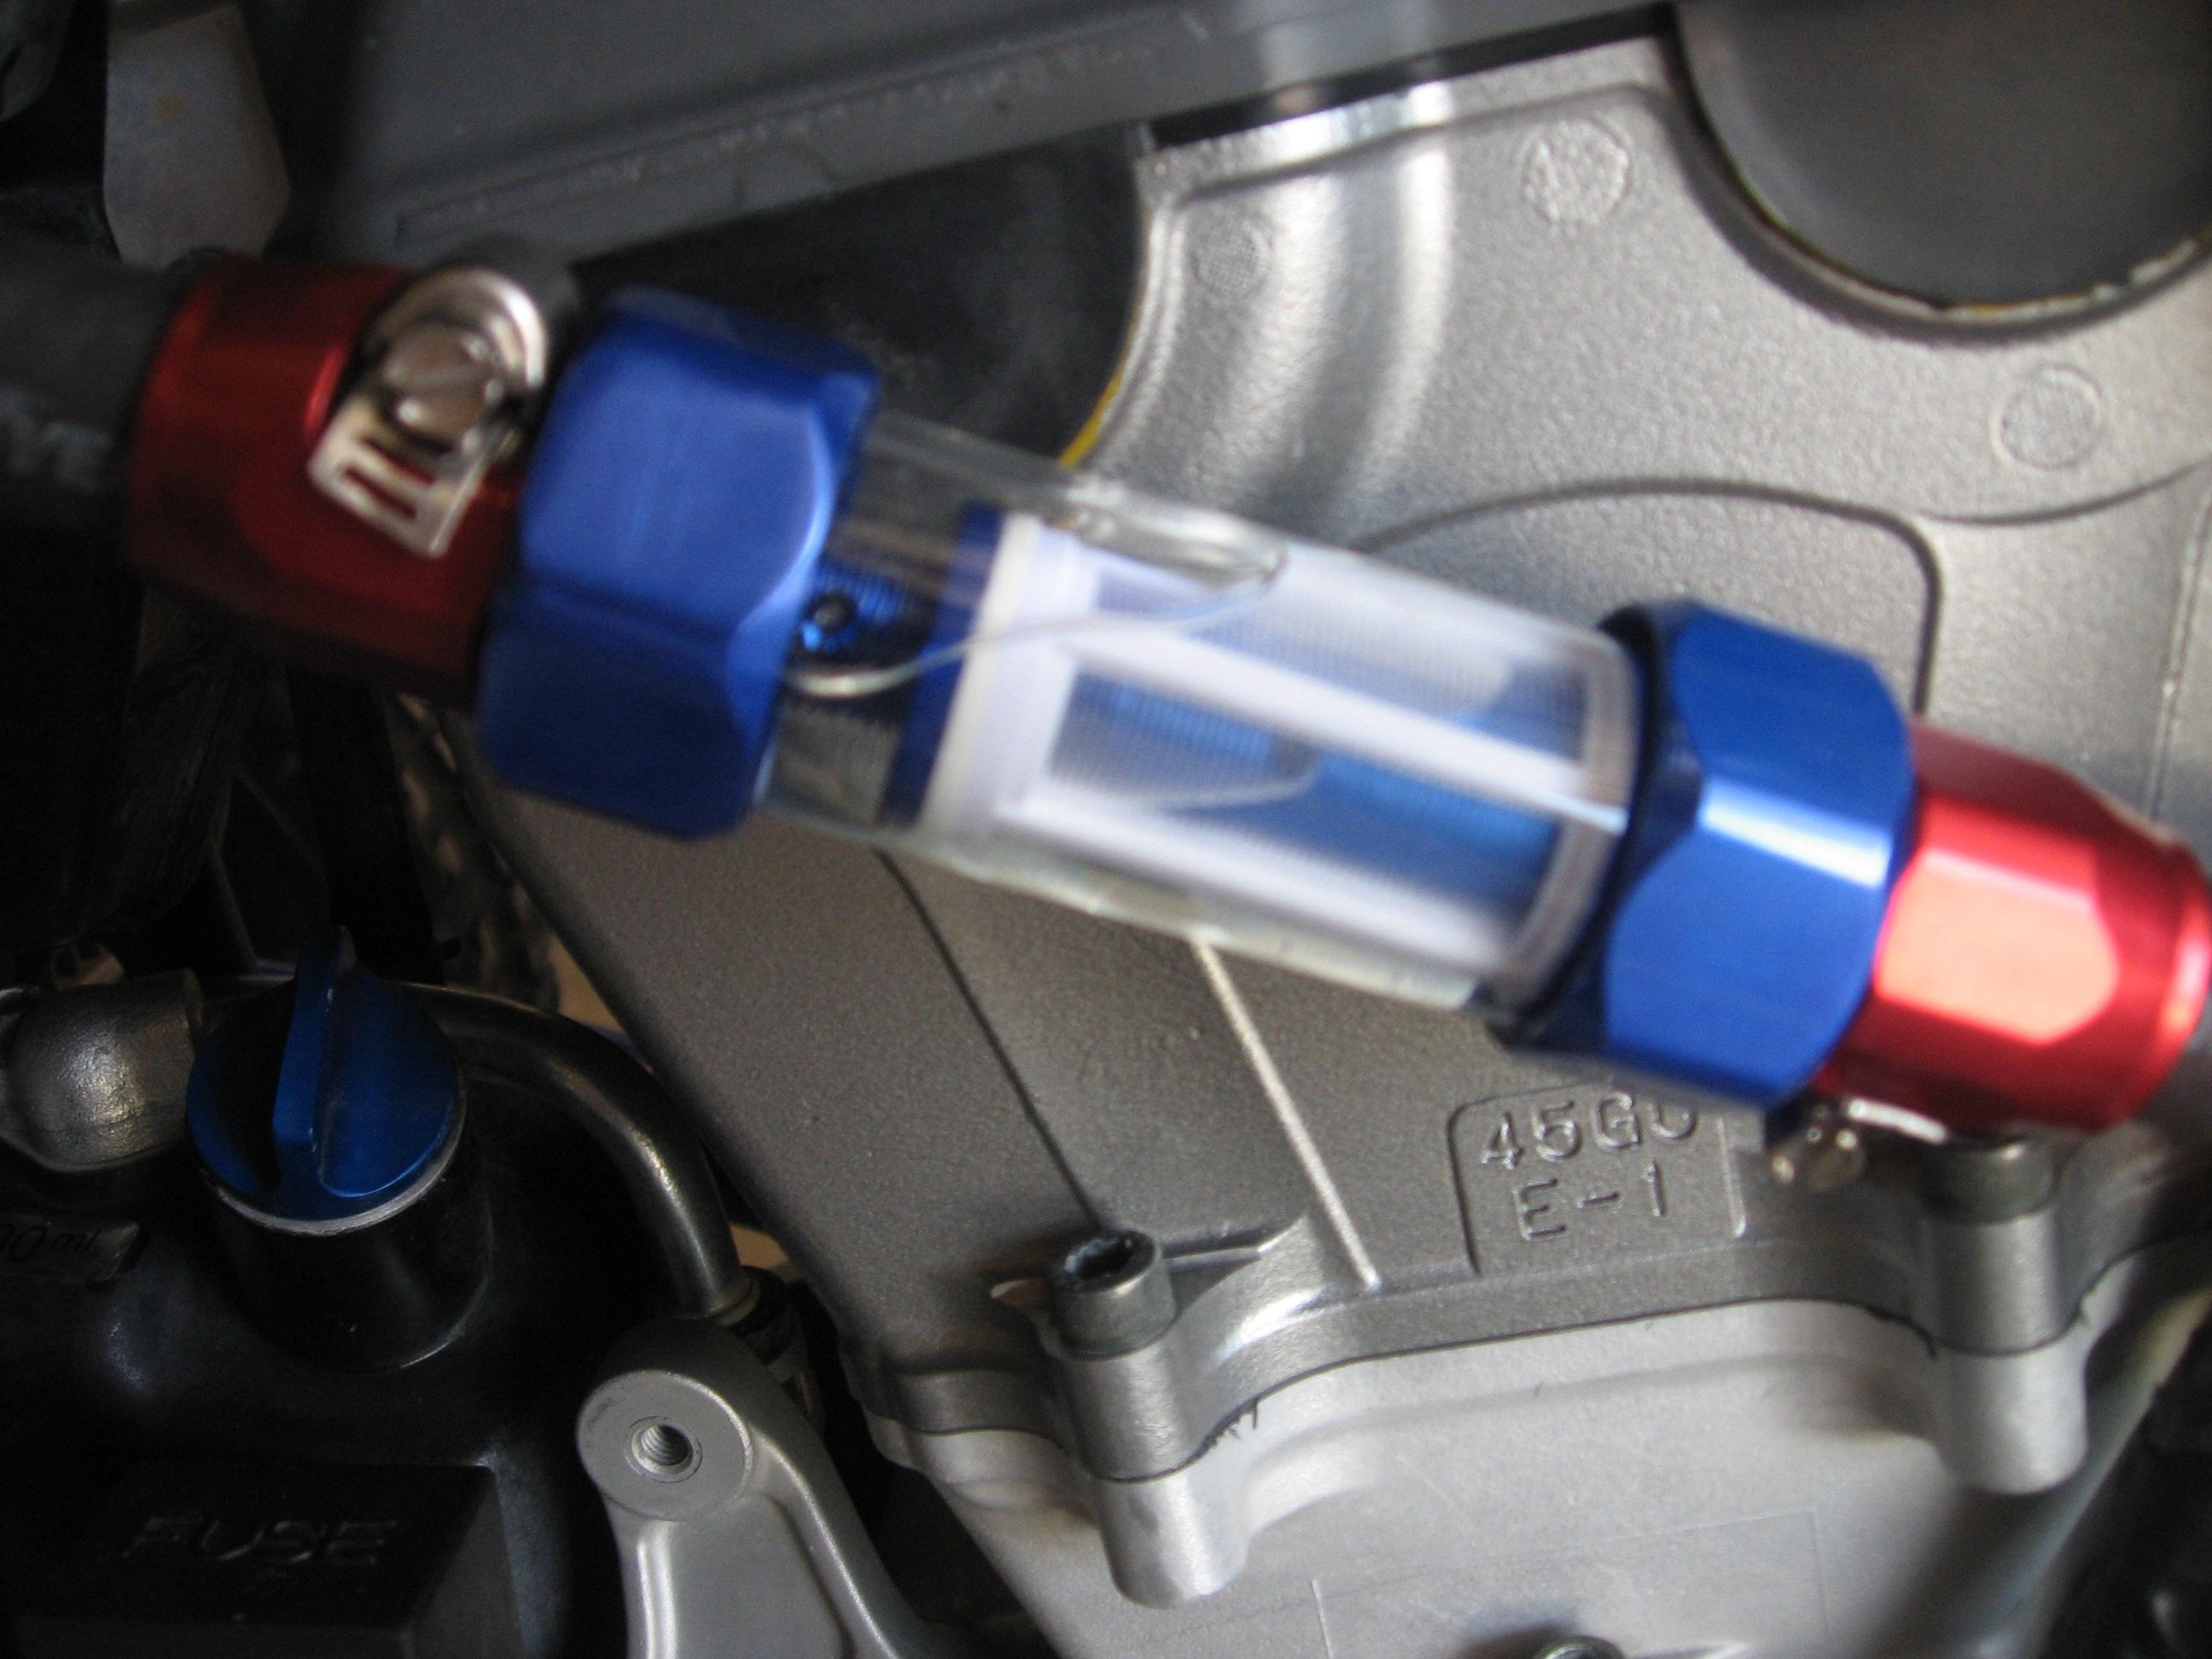 Aftermarket Fuel Filter | Suzuki LT-R450 Forum :: LTR450HQ.com | Aftermarket Fuel Filter |  | LTR450HQ.com